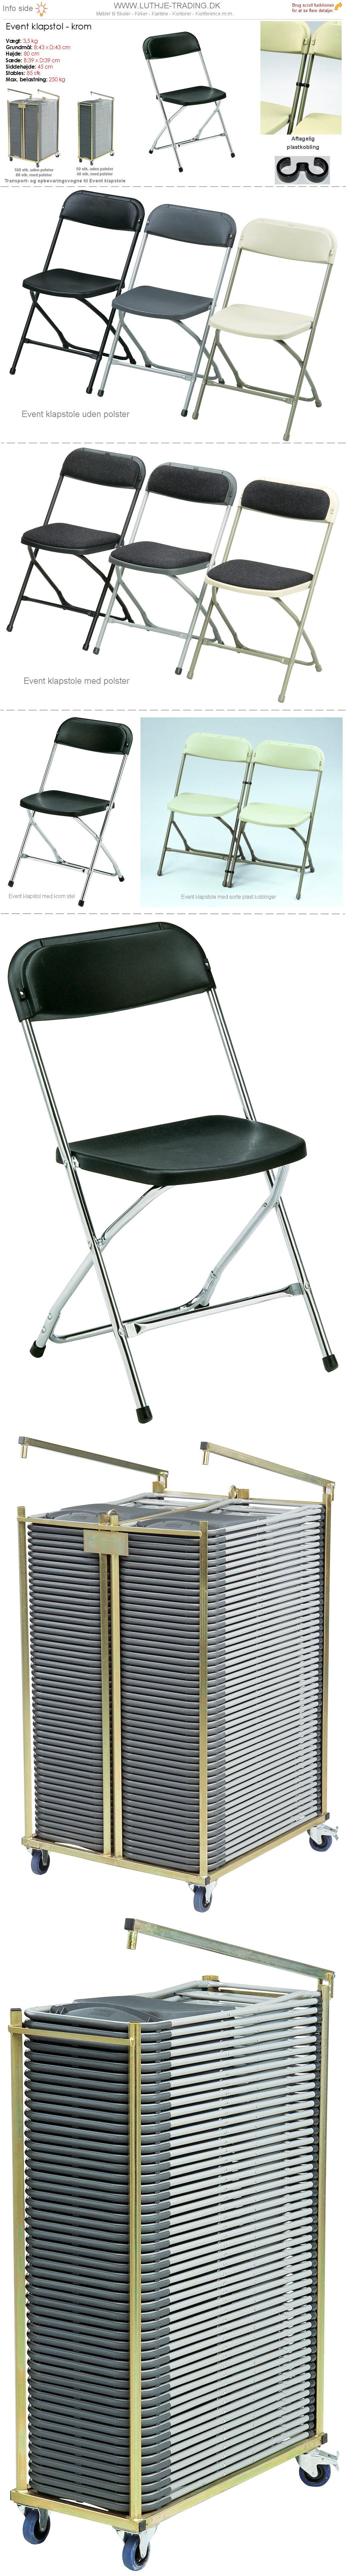 Klapstol Event sort plast og krom stel. Der findes en transport- og opbevaringsvogn til denne klapstol. Vi giver gerne et godt tilbud på denne klapstol.